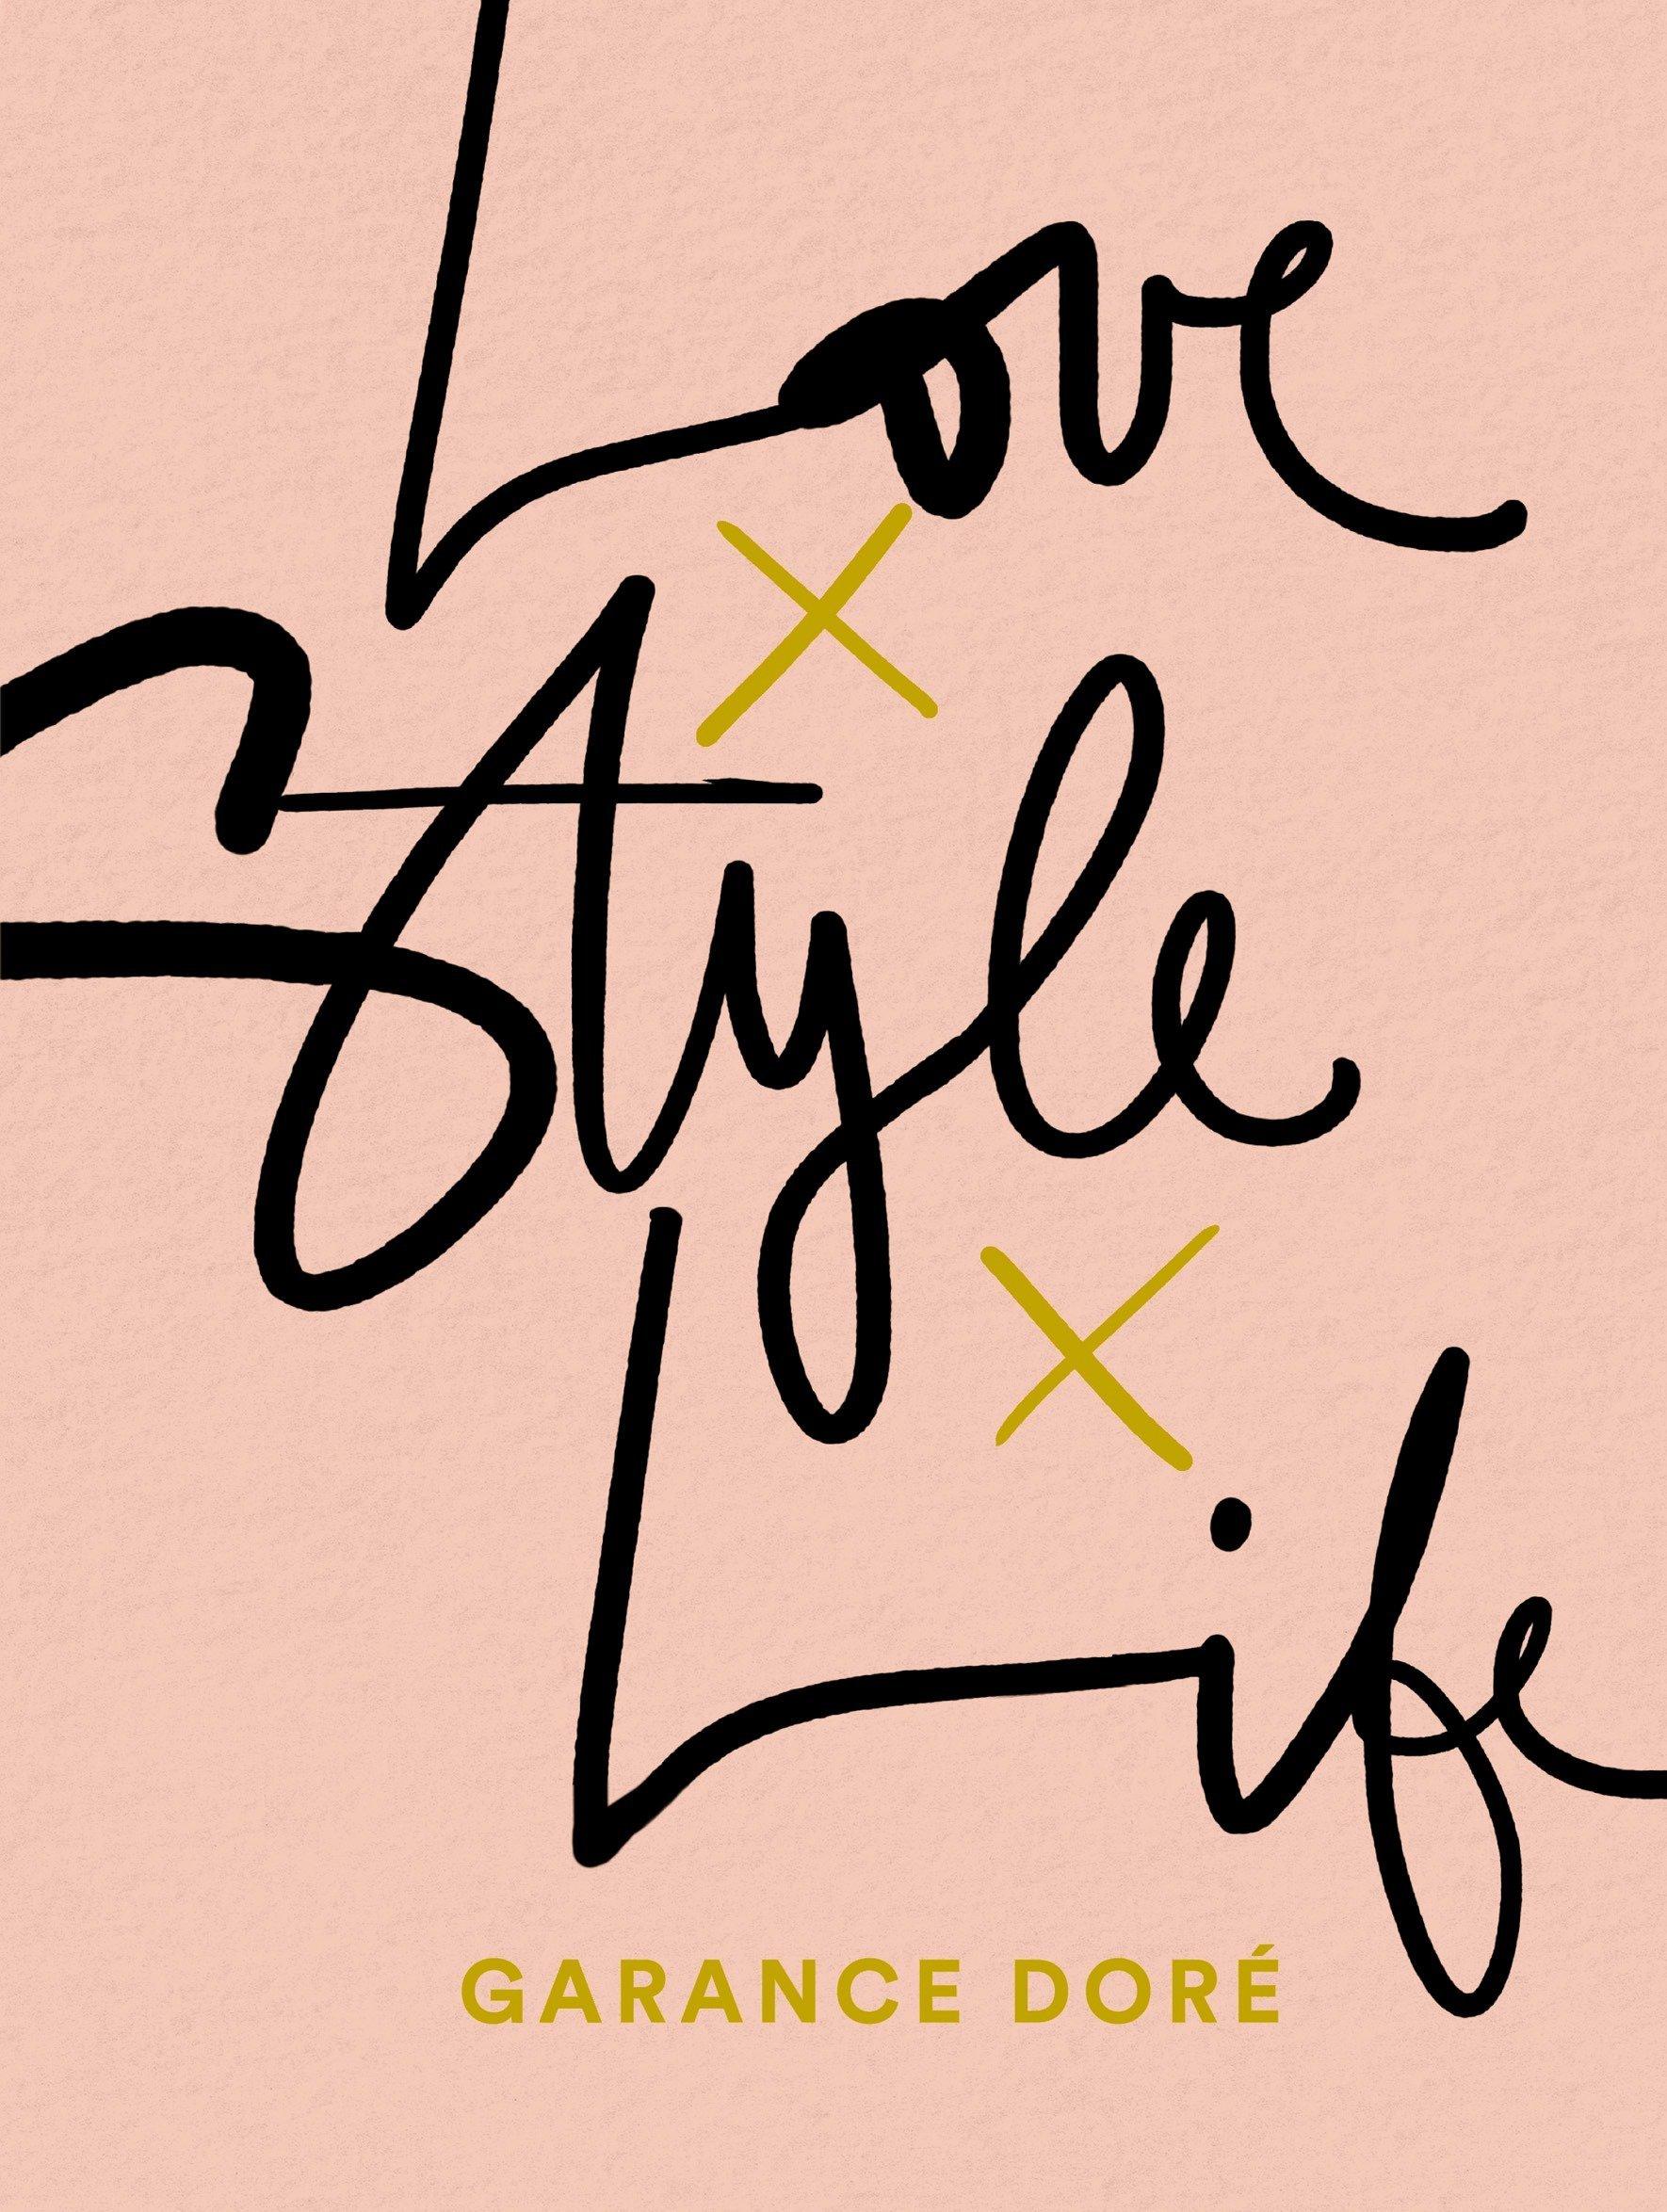 книга любовь стиль жизнь гаранс доре